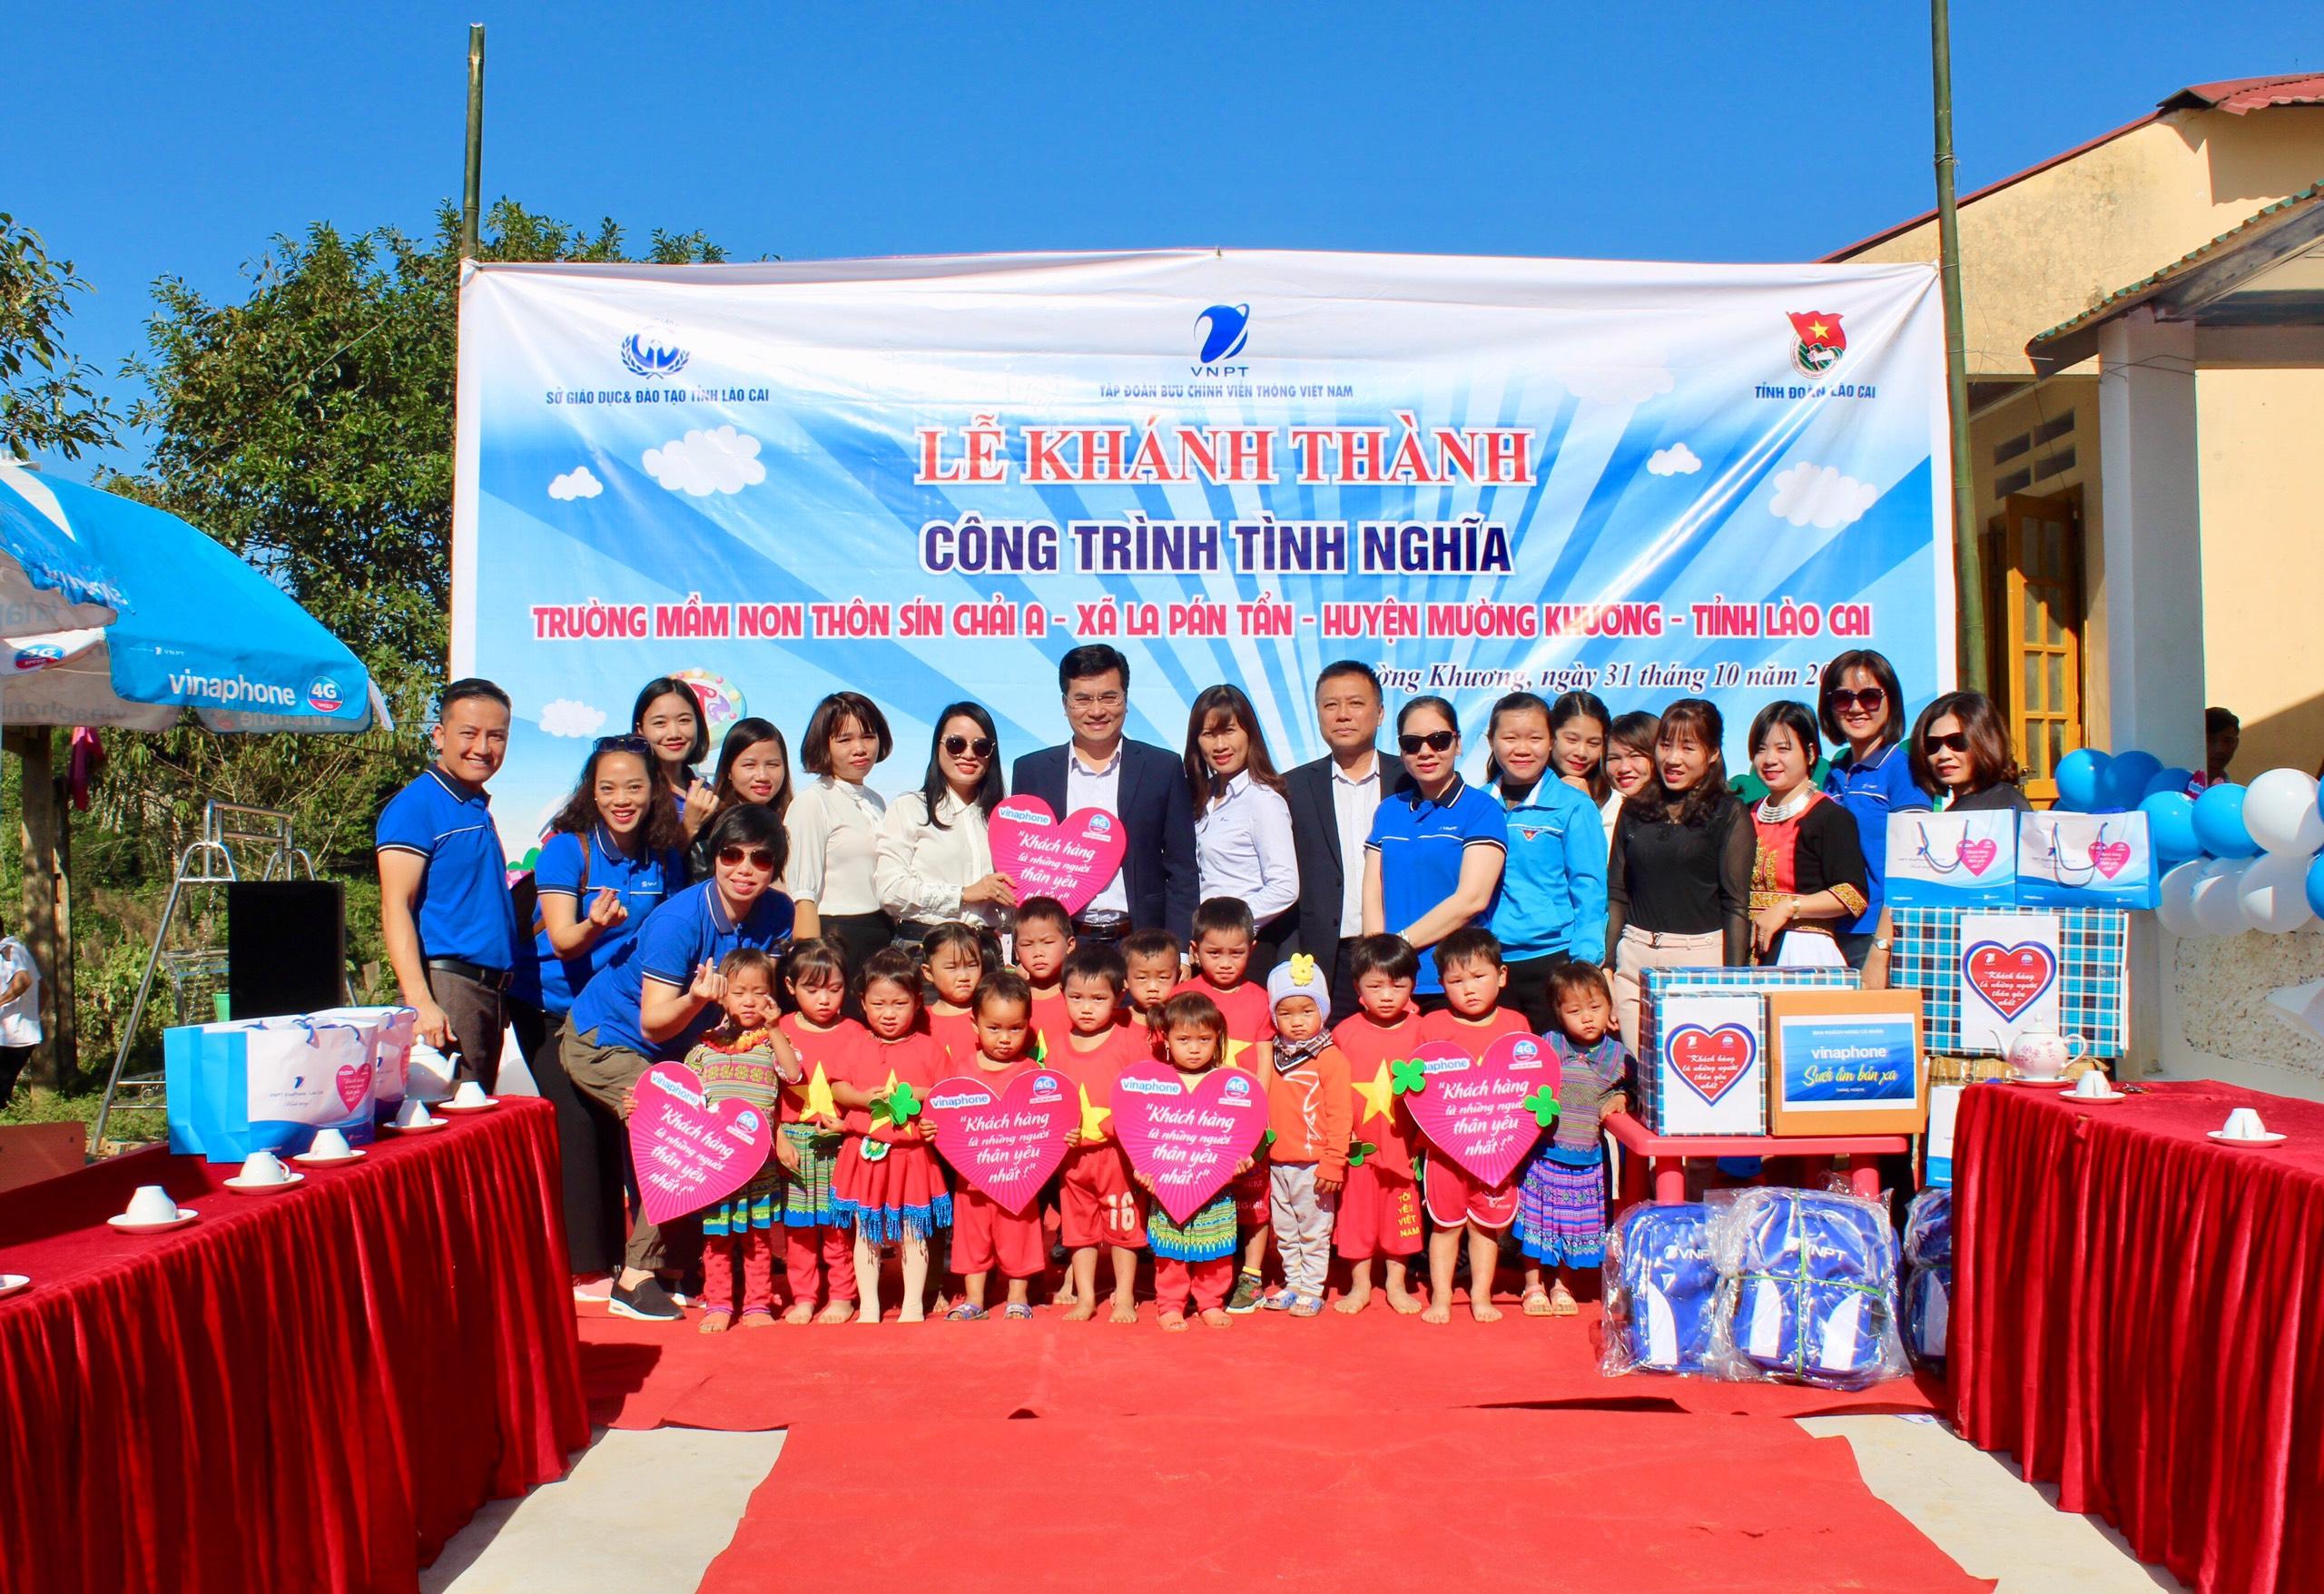 VNPT VinaPhone khánh thành công trình trường mầm non thôn Sín Chải A